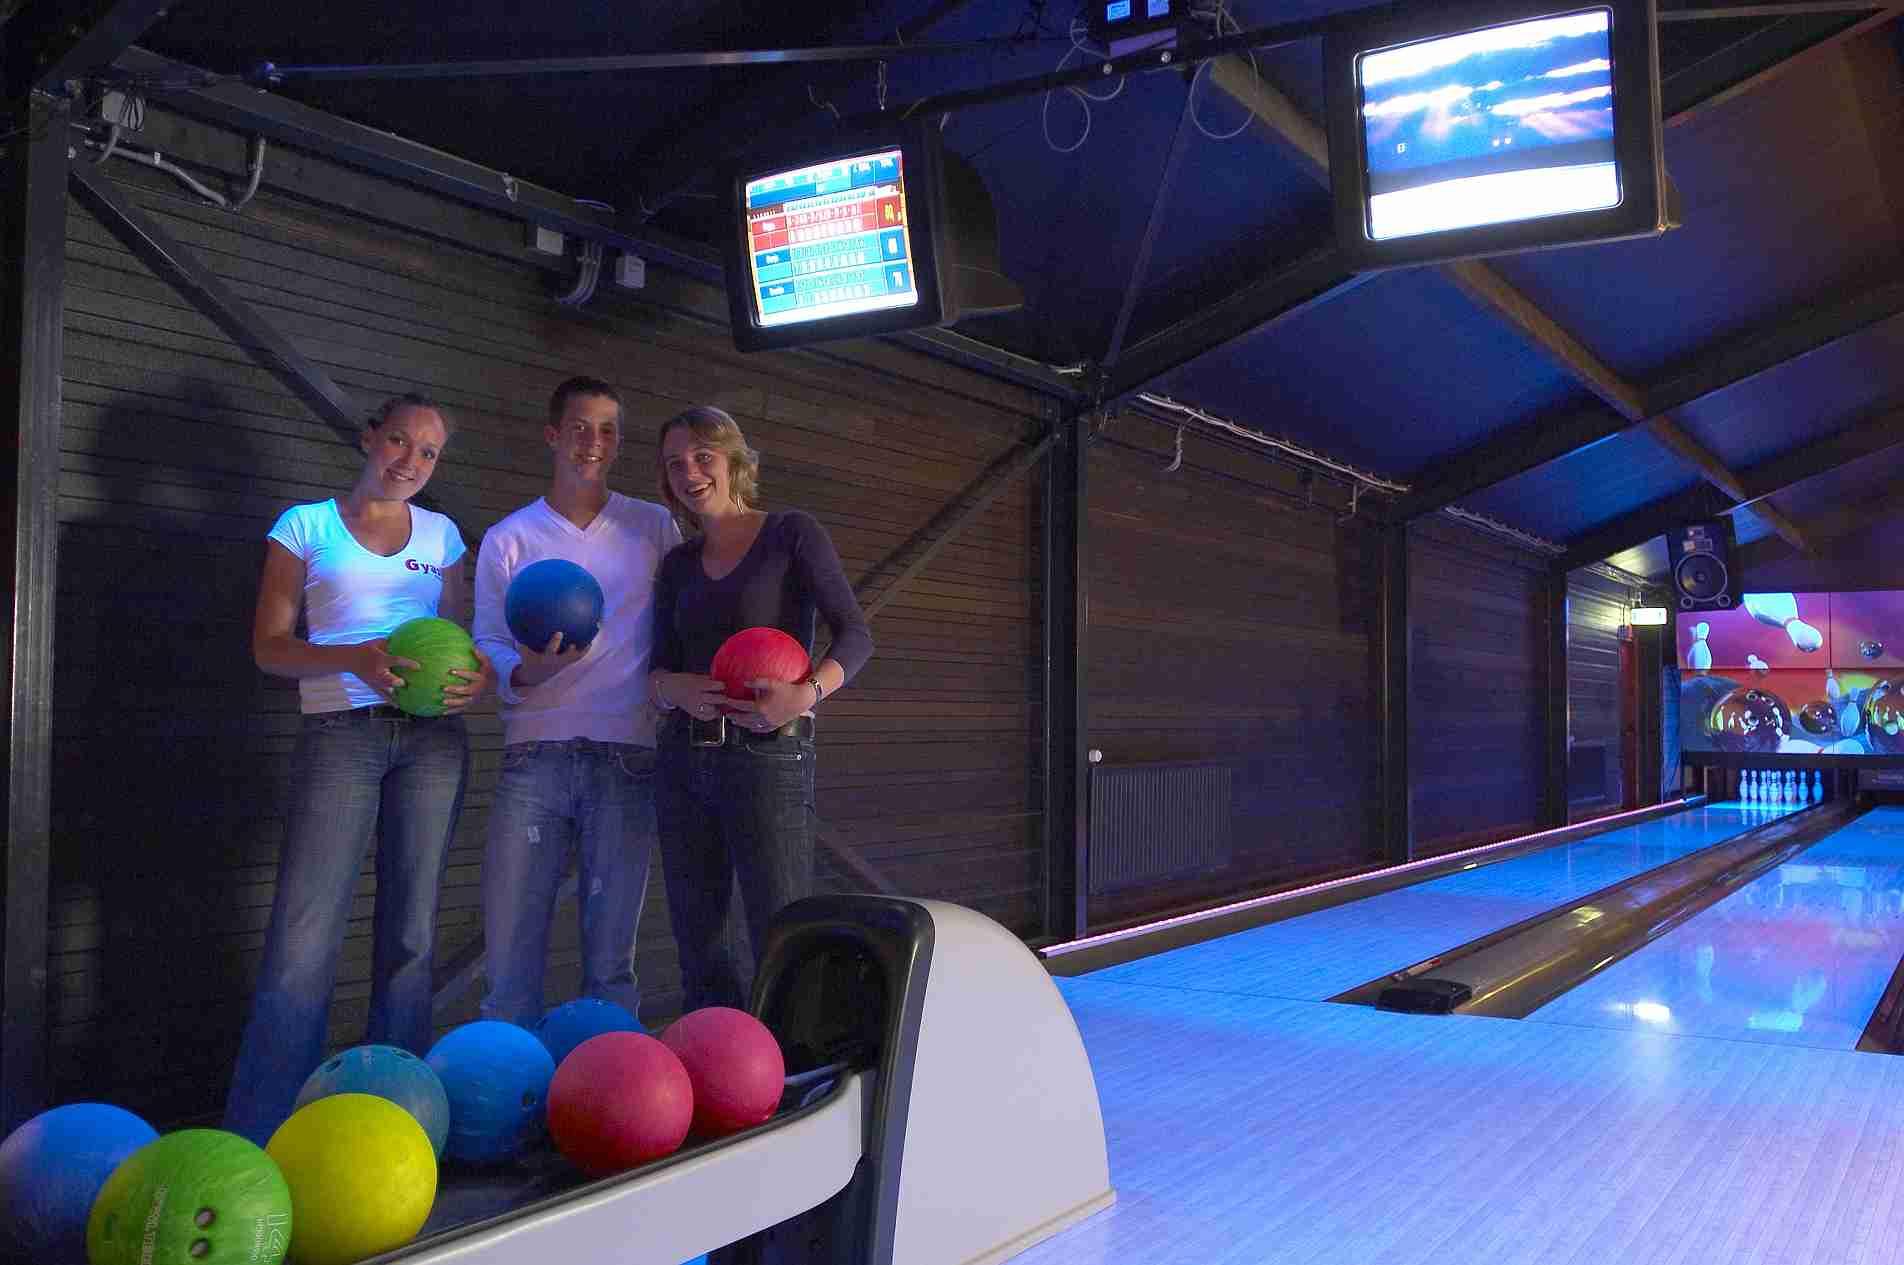 Bowling Overijssel bij het Stoetenslagh in Hardenberg - Bowlen Overijssel bij het Stoetenslagh